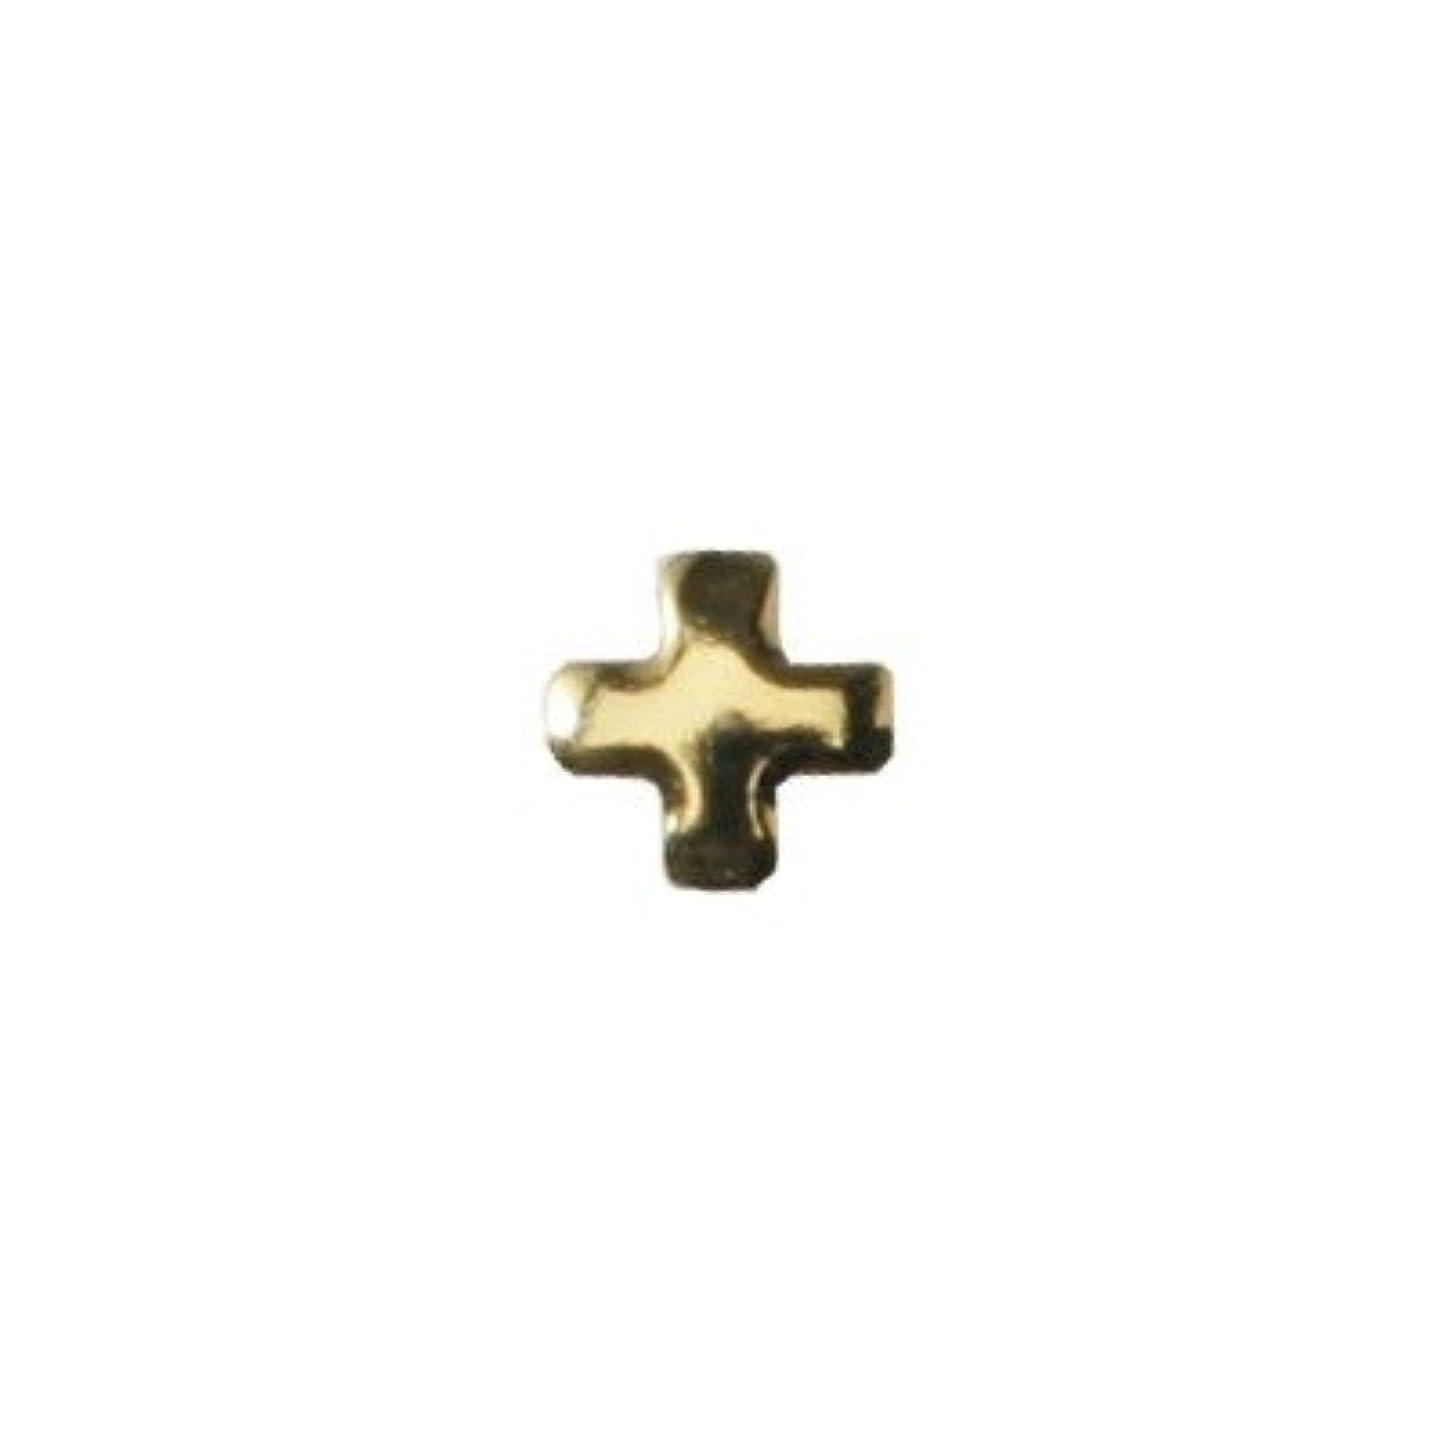 子変更可能シネウィピアドラ スタッズ クロスレット 3mm 50P ゴールド